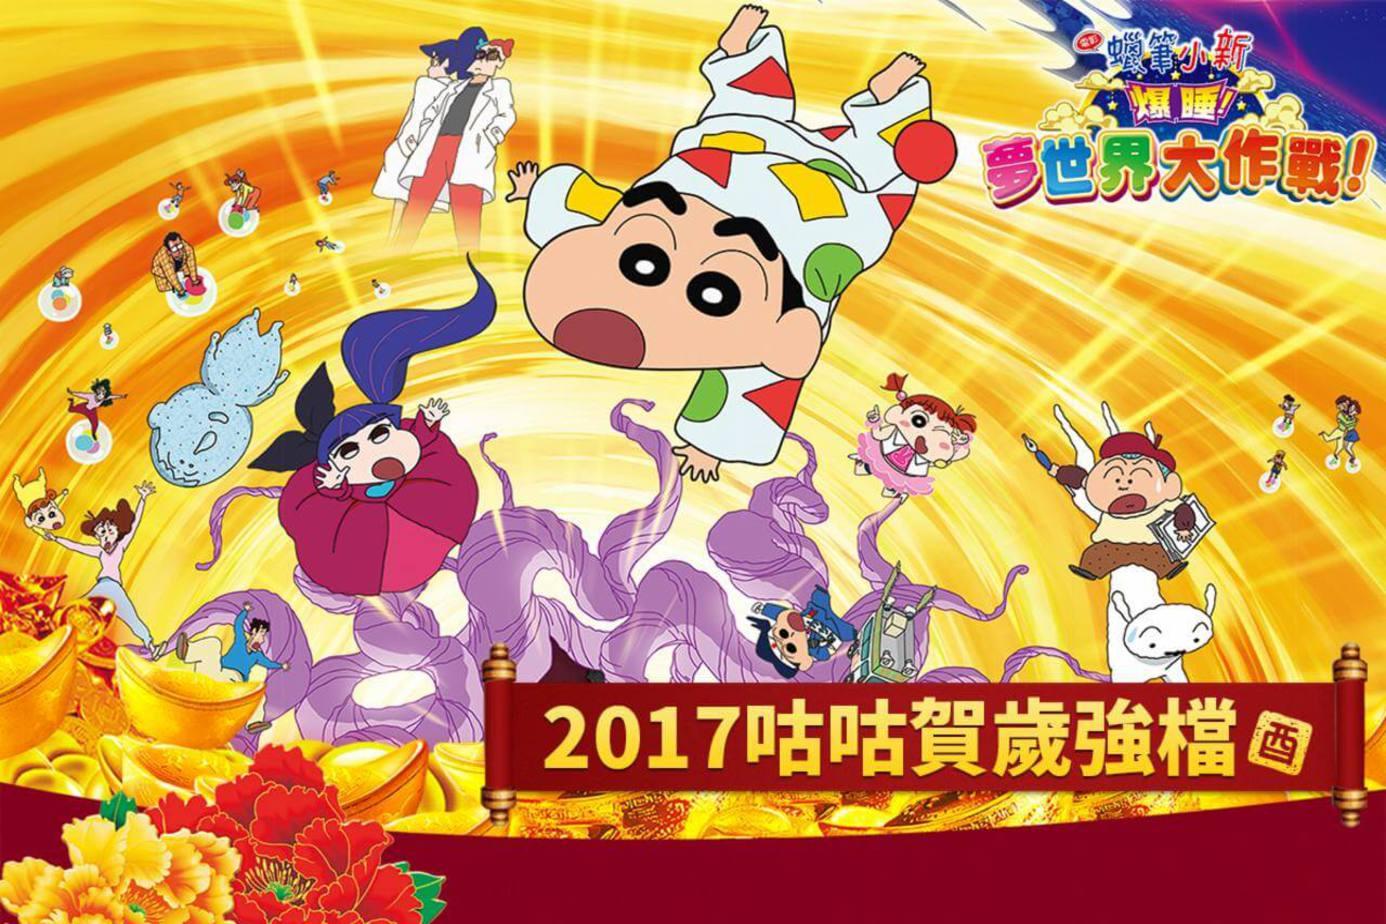 蠟筆小新劇場-2016-爆睡!夢世界大作戰!